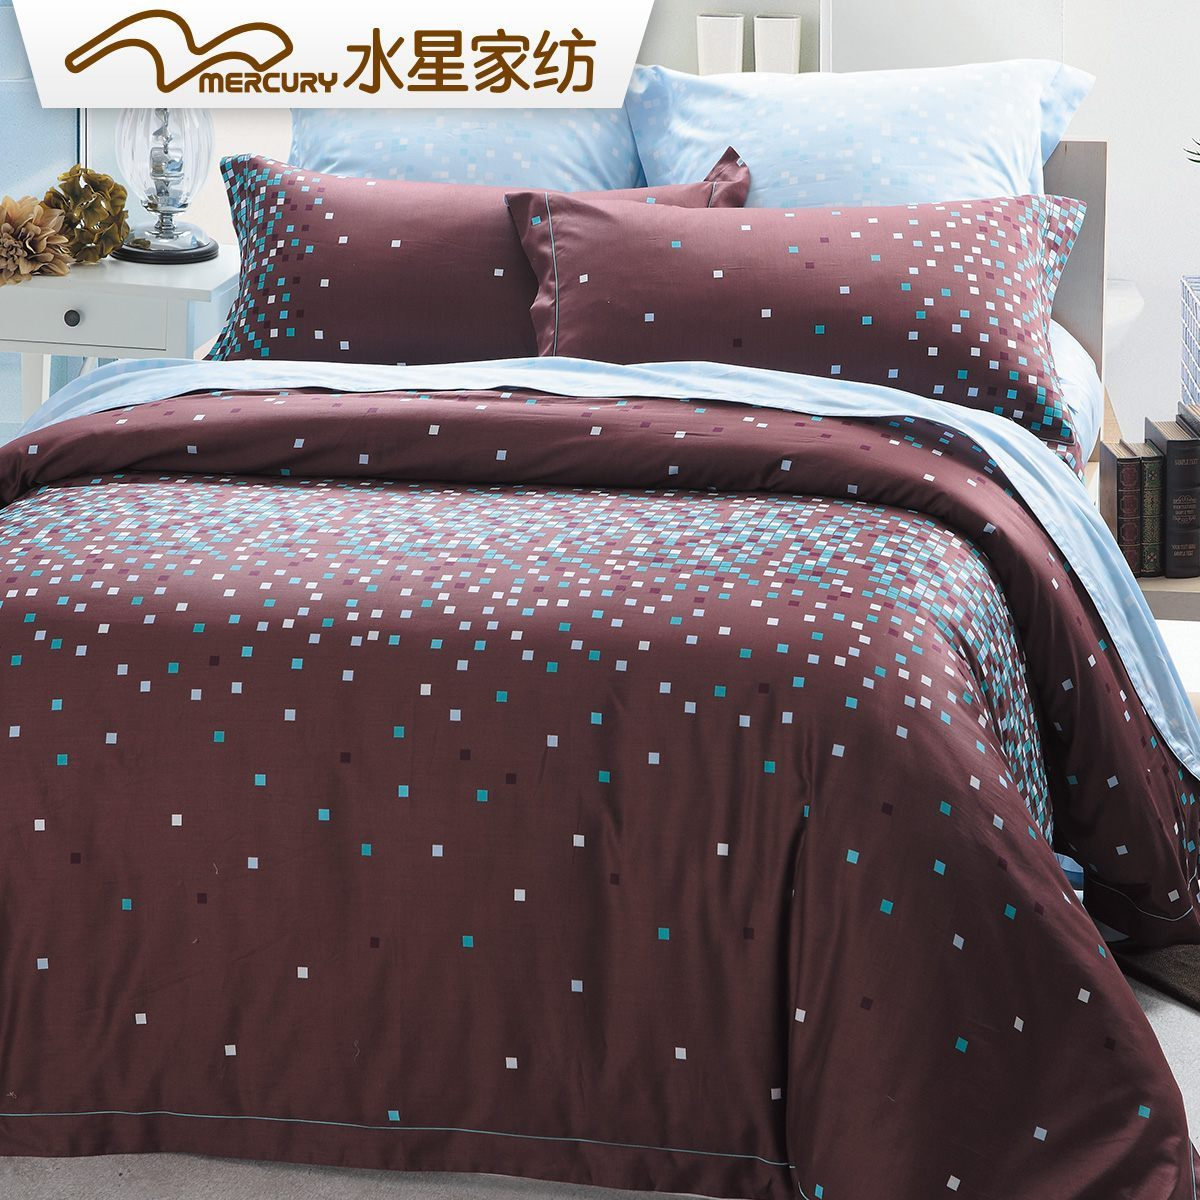 水星家纺男士床上用品四件套105519